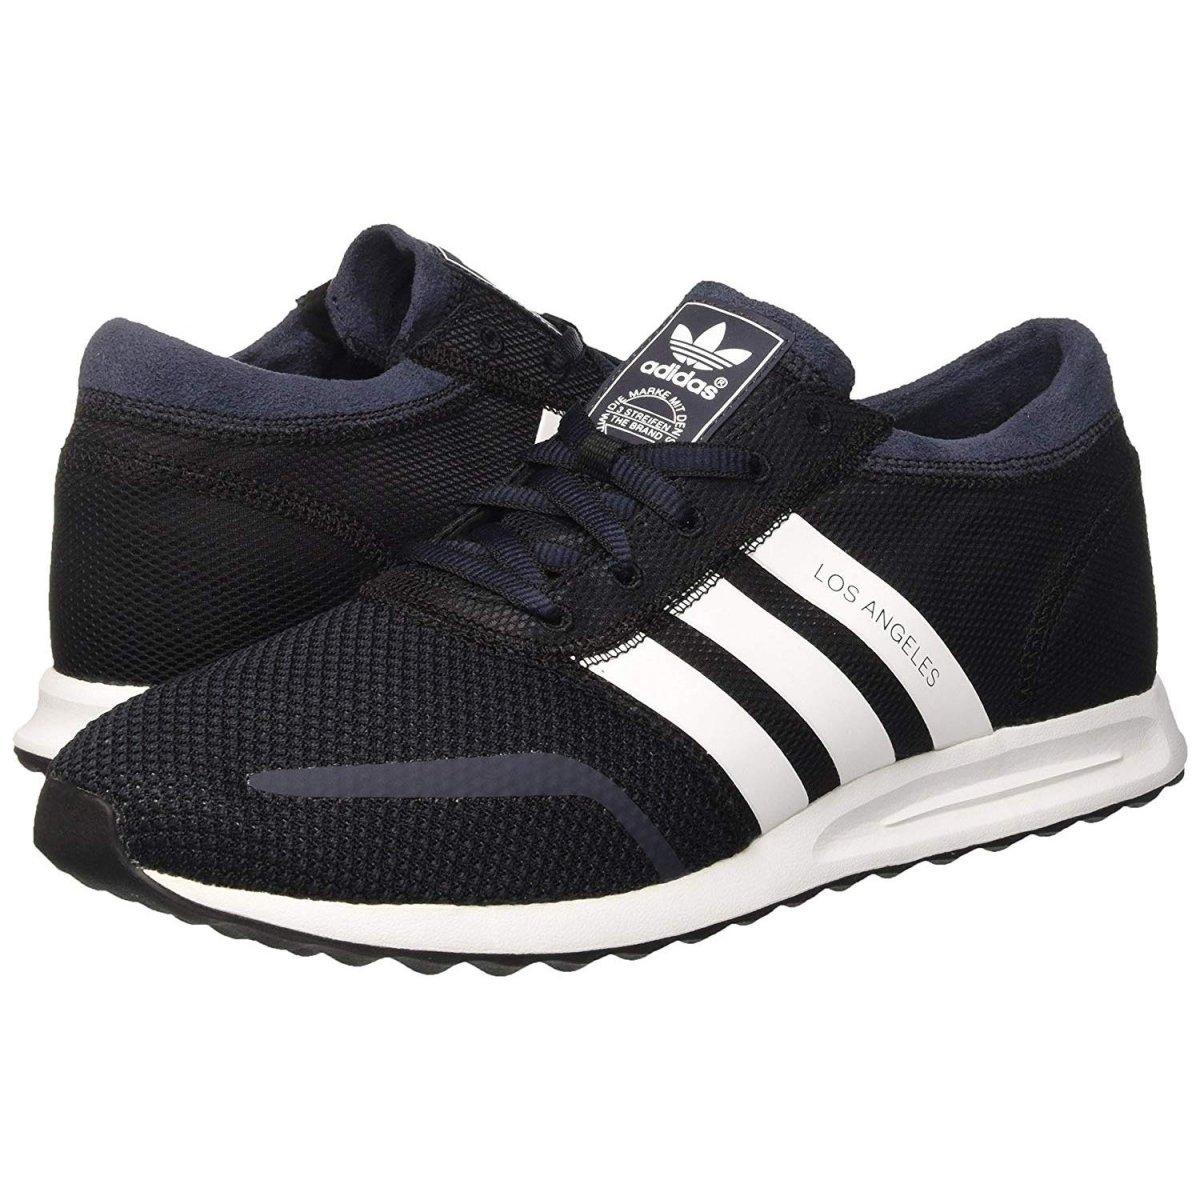 Buty męskie sneakersy adidas Originals Los Angeles S79024